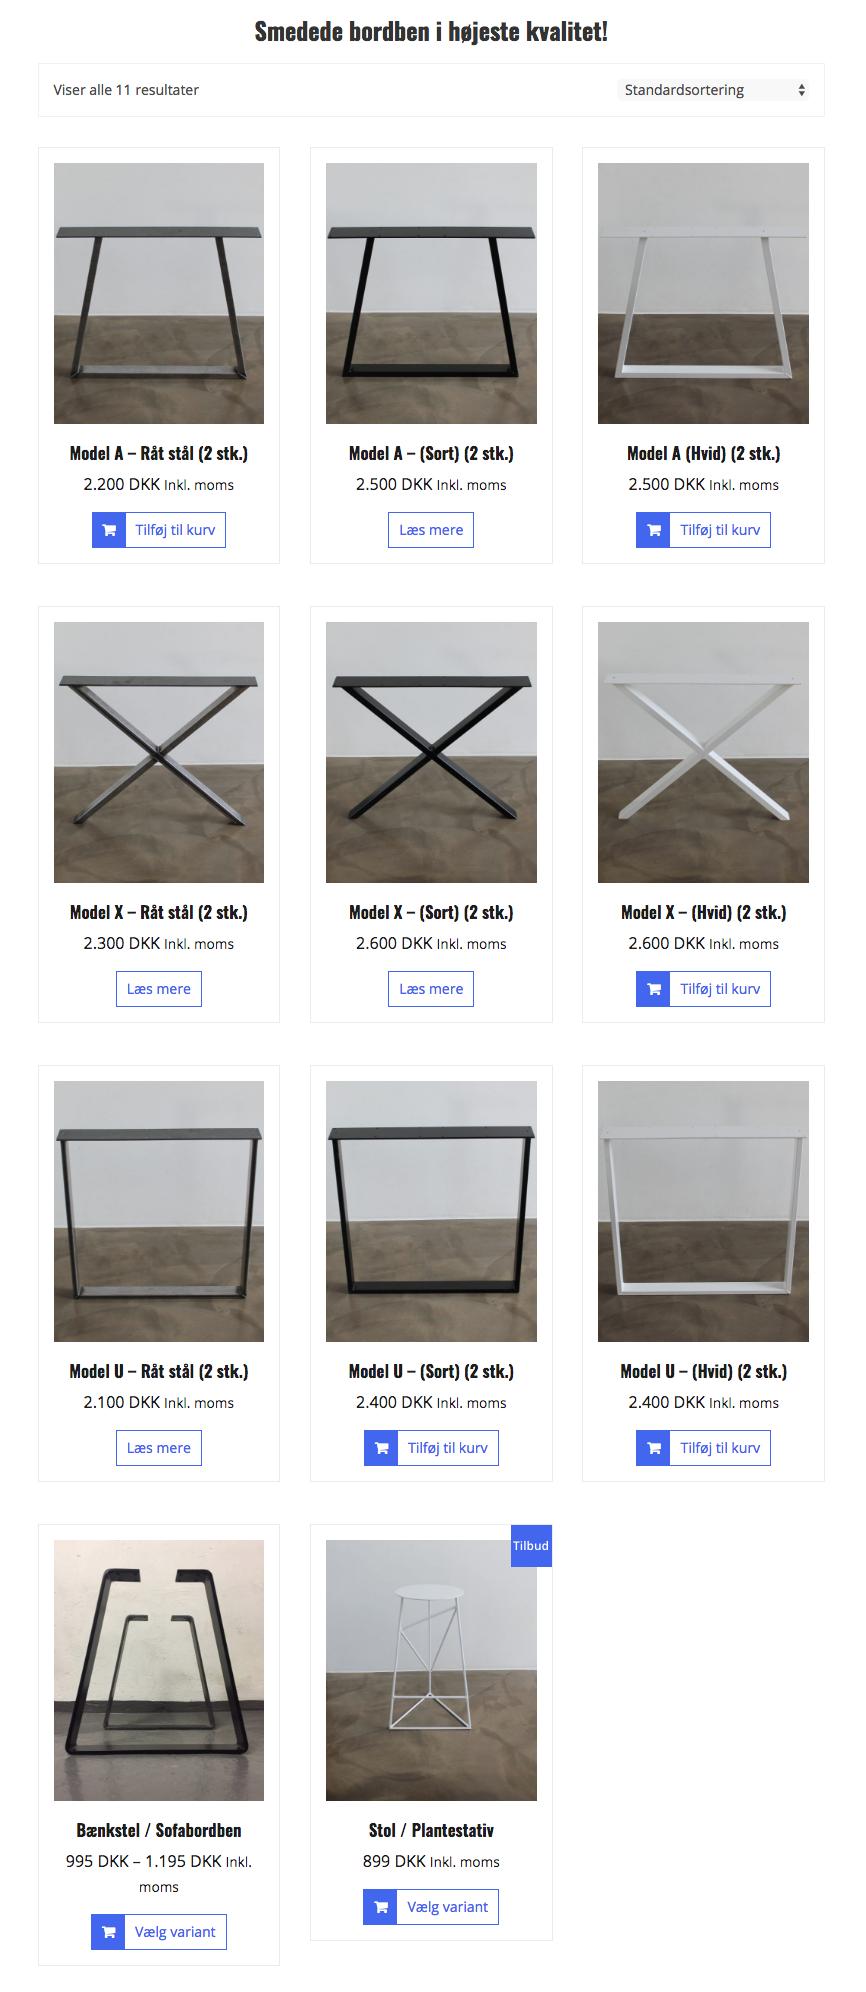 AX-bordben: Webshop med salg af smedede bordstel til plankeborde